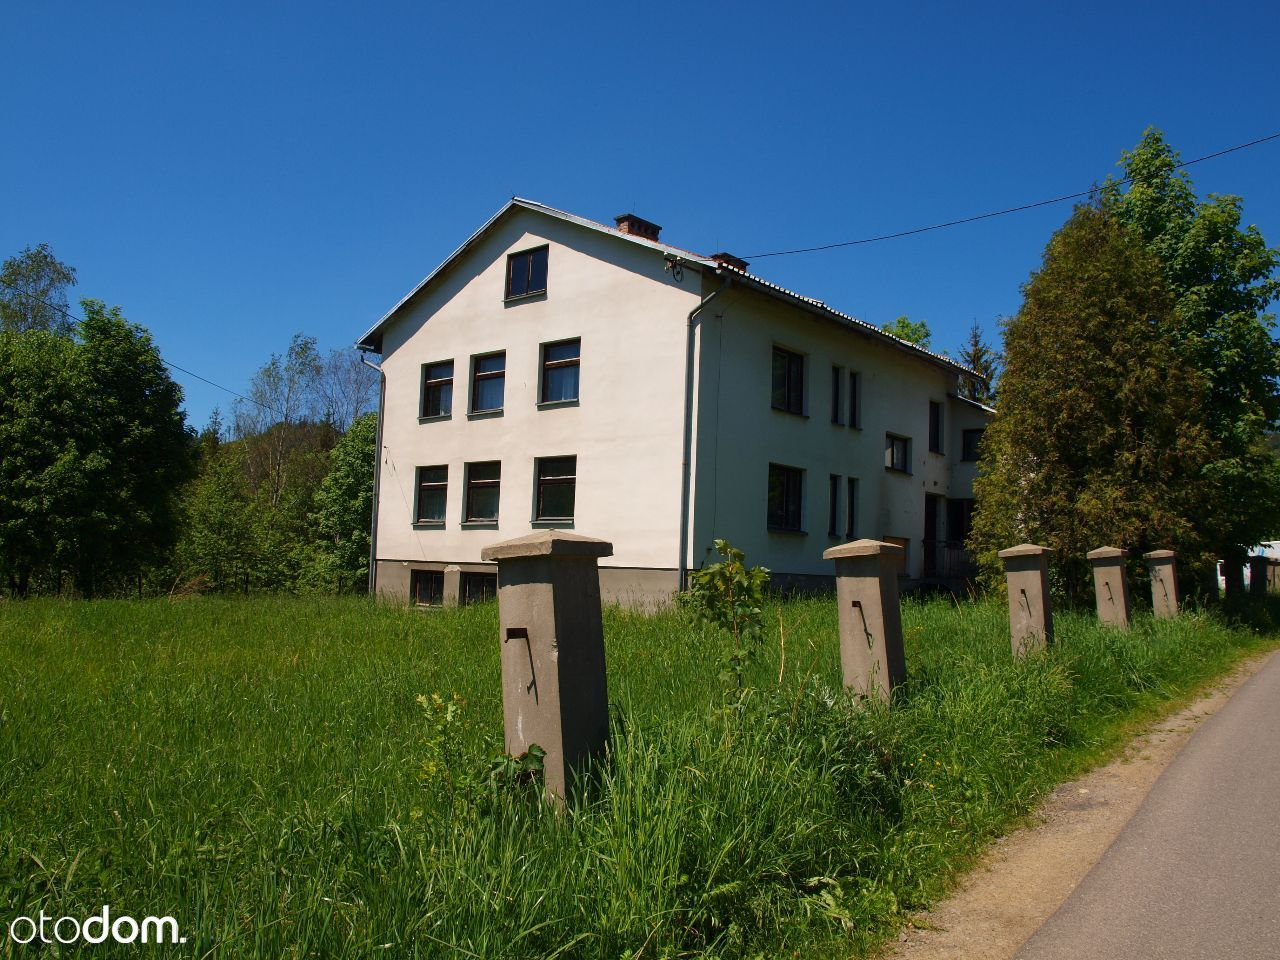 Dom na sprzedaż, Kamesznica, żywiecki, śląskie - Foto 1